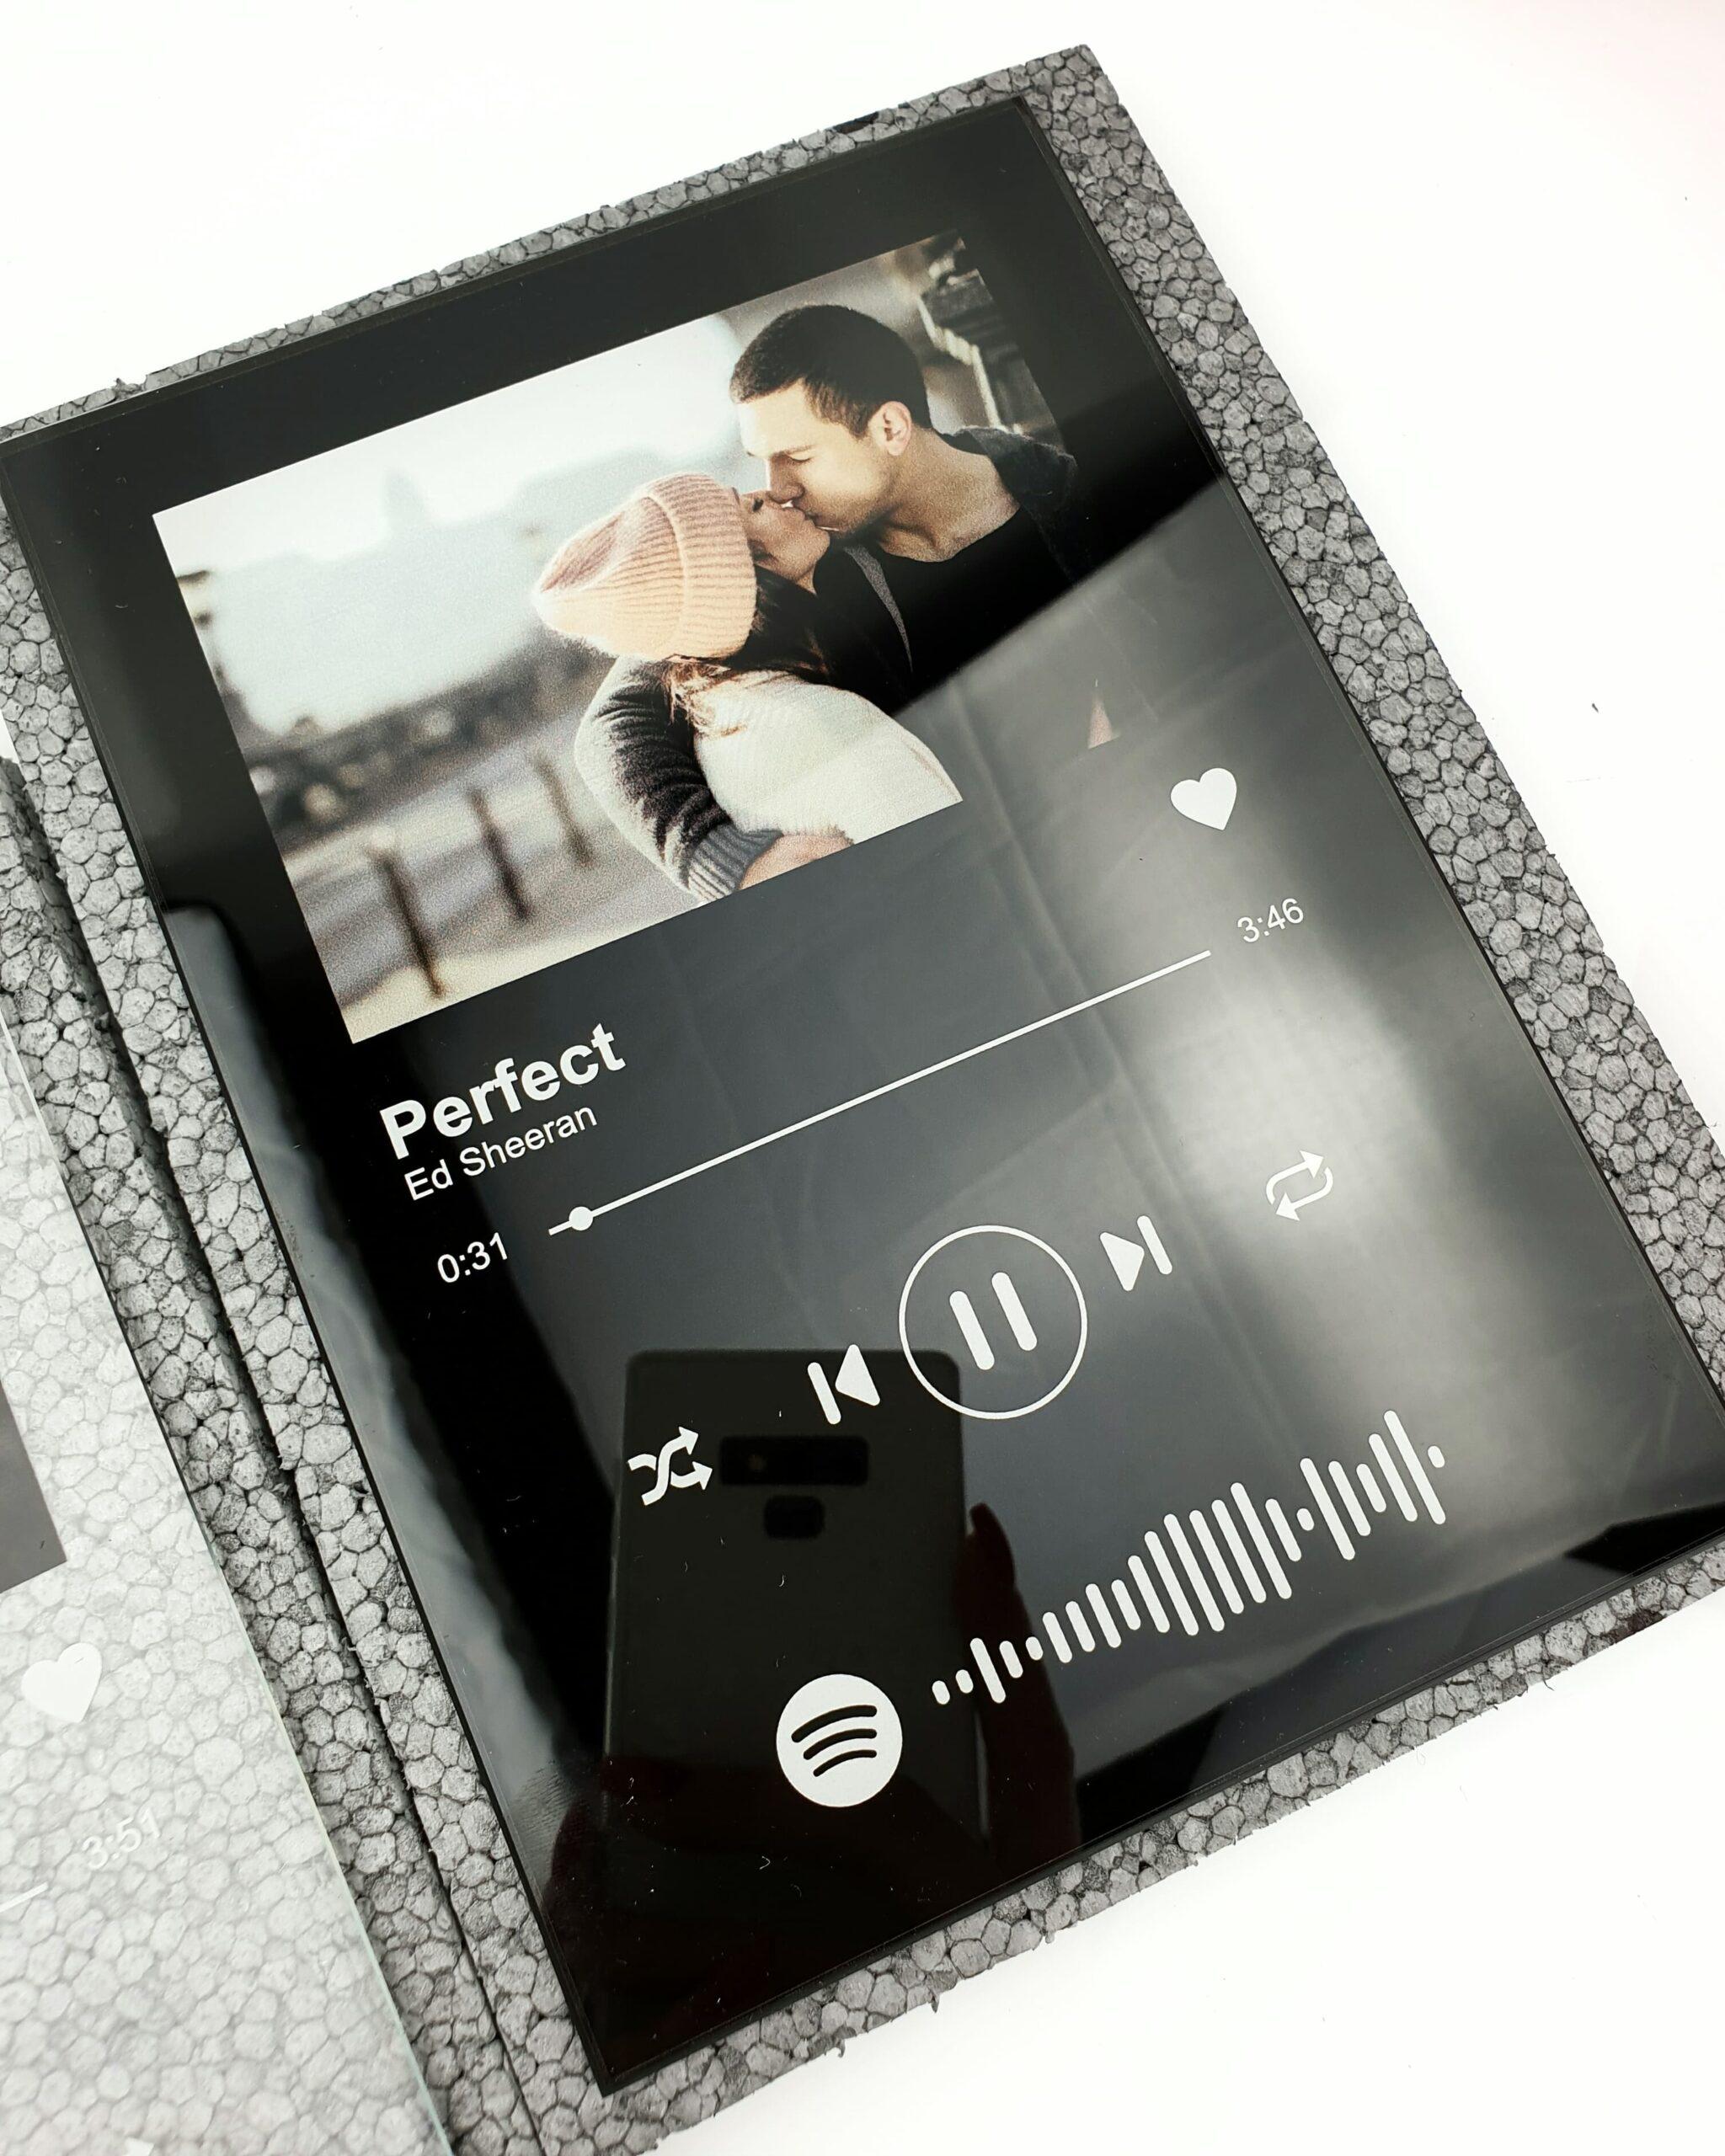 Piosenka Spotify prezent ze zdjęciem na szkle